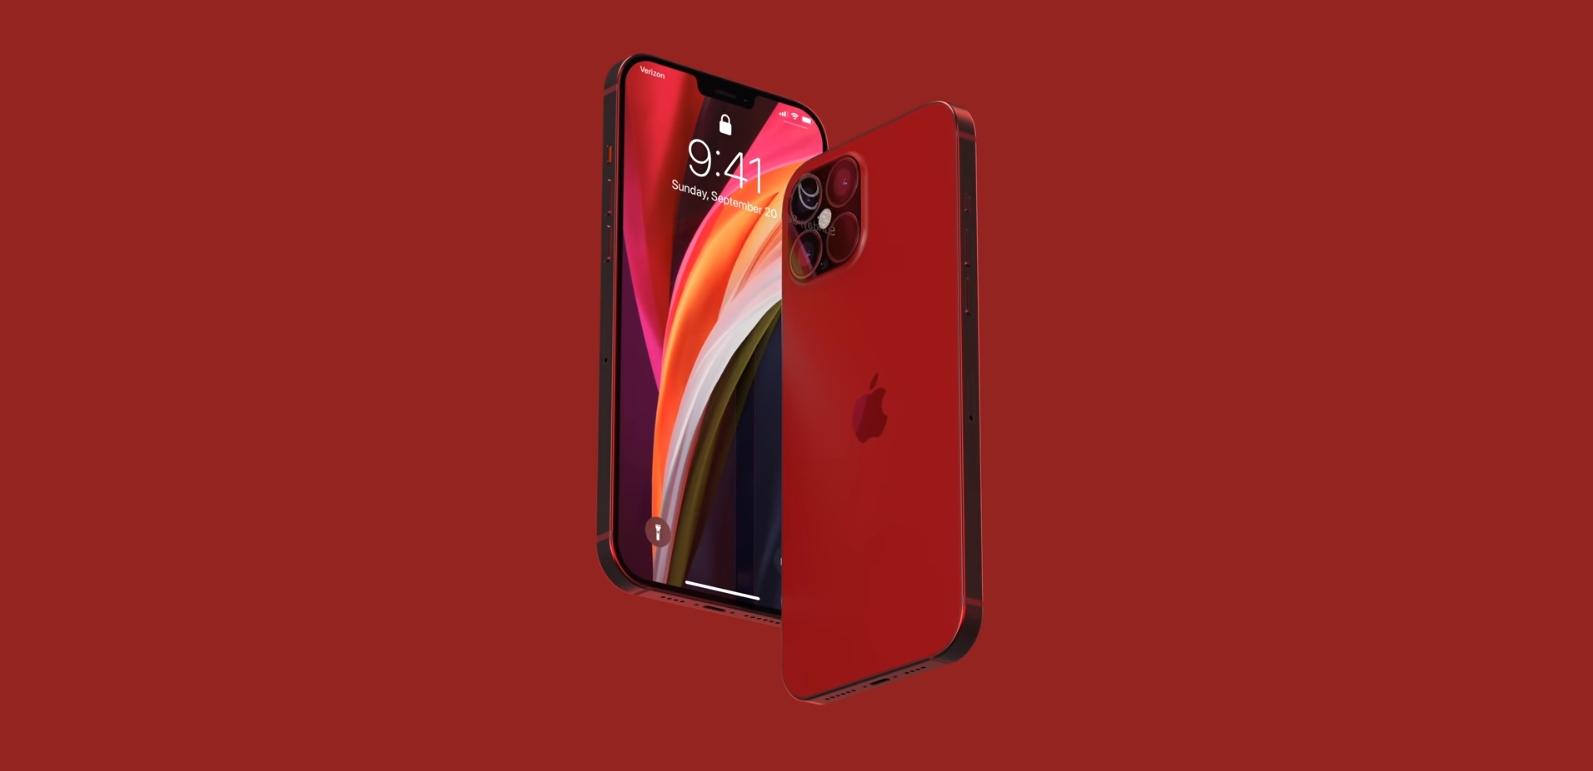 Nový iPhone 12 možná zklame, nabídne jen tři foťáky a stejně velký výřez